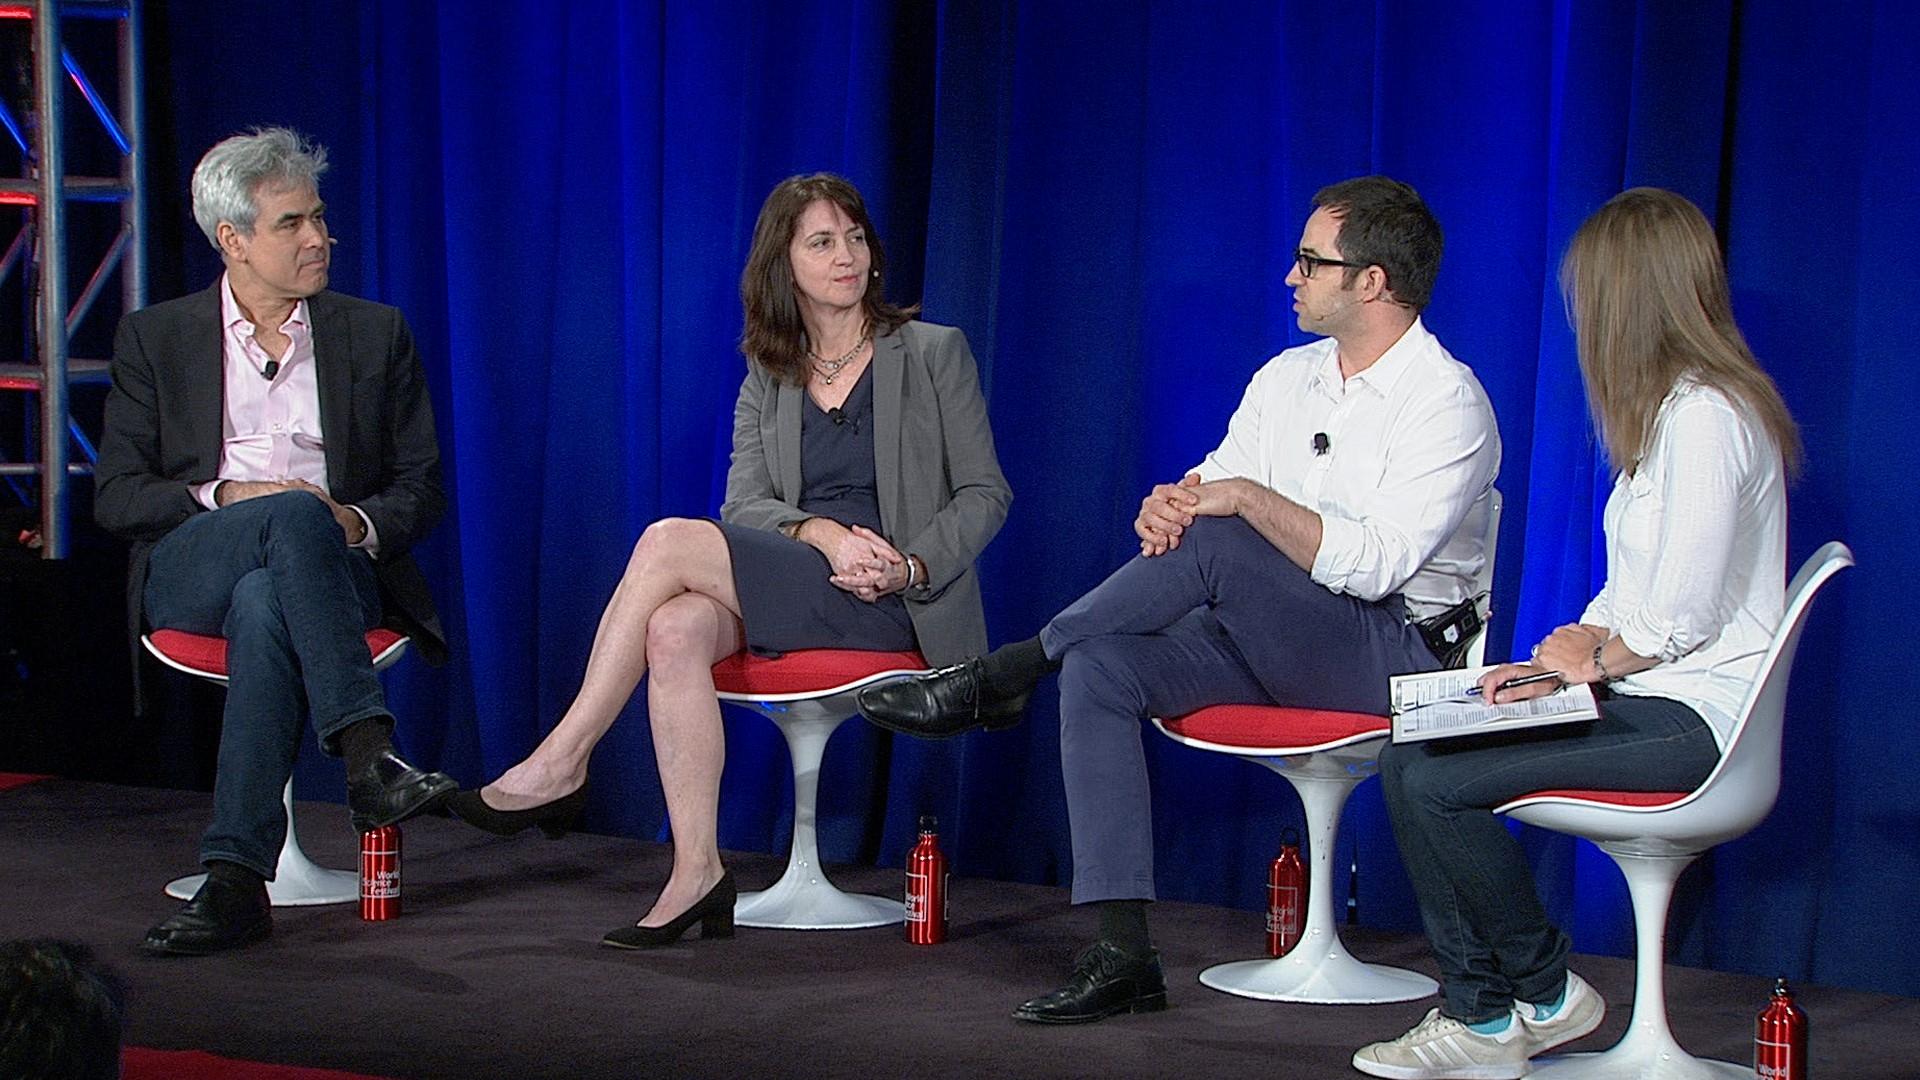 panelists onstage